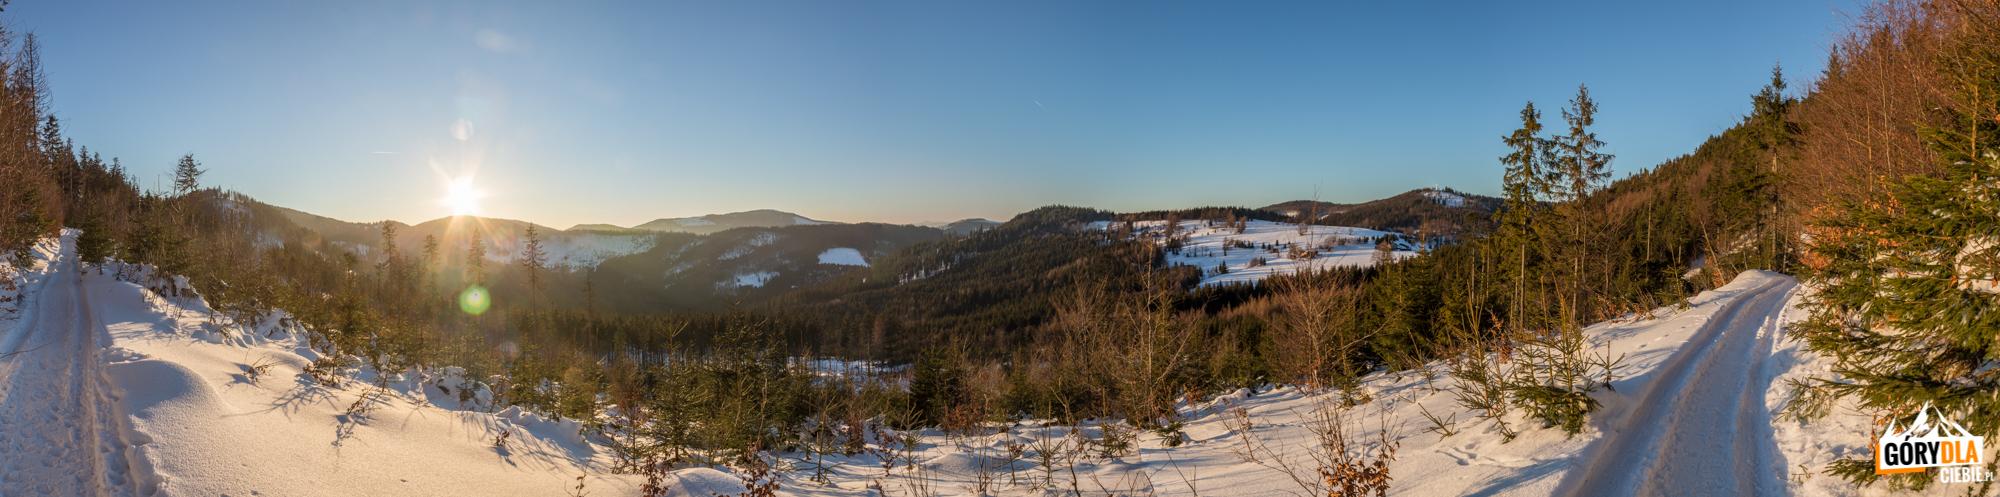 Czerwony szlak zbiega z grani na Przełęcz Przegibek (990 m) - centralnie widać Wielką Raczę, po prawej Bendoszkę Wielką